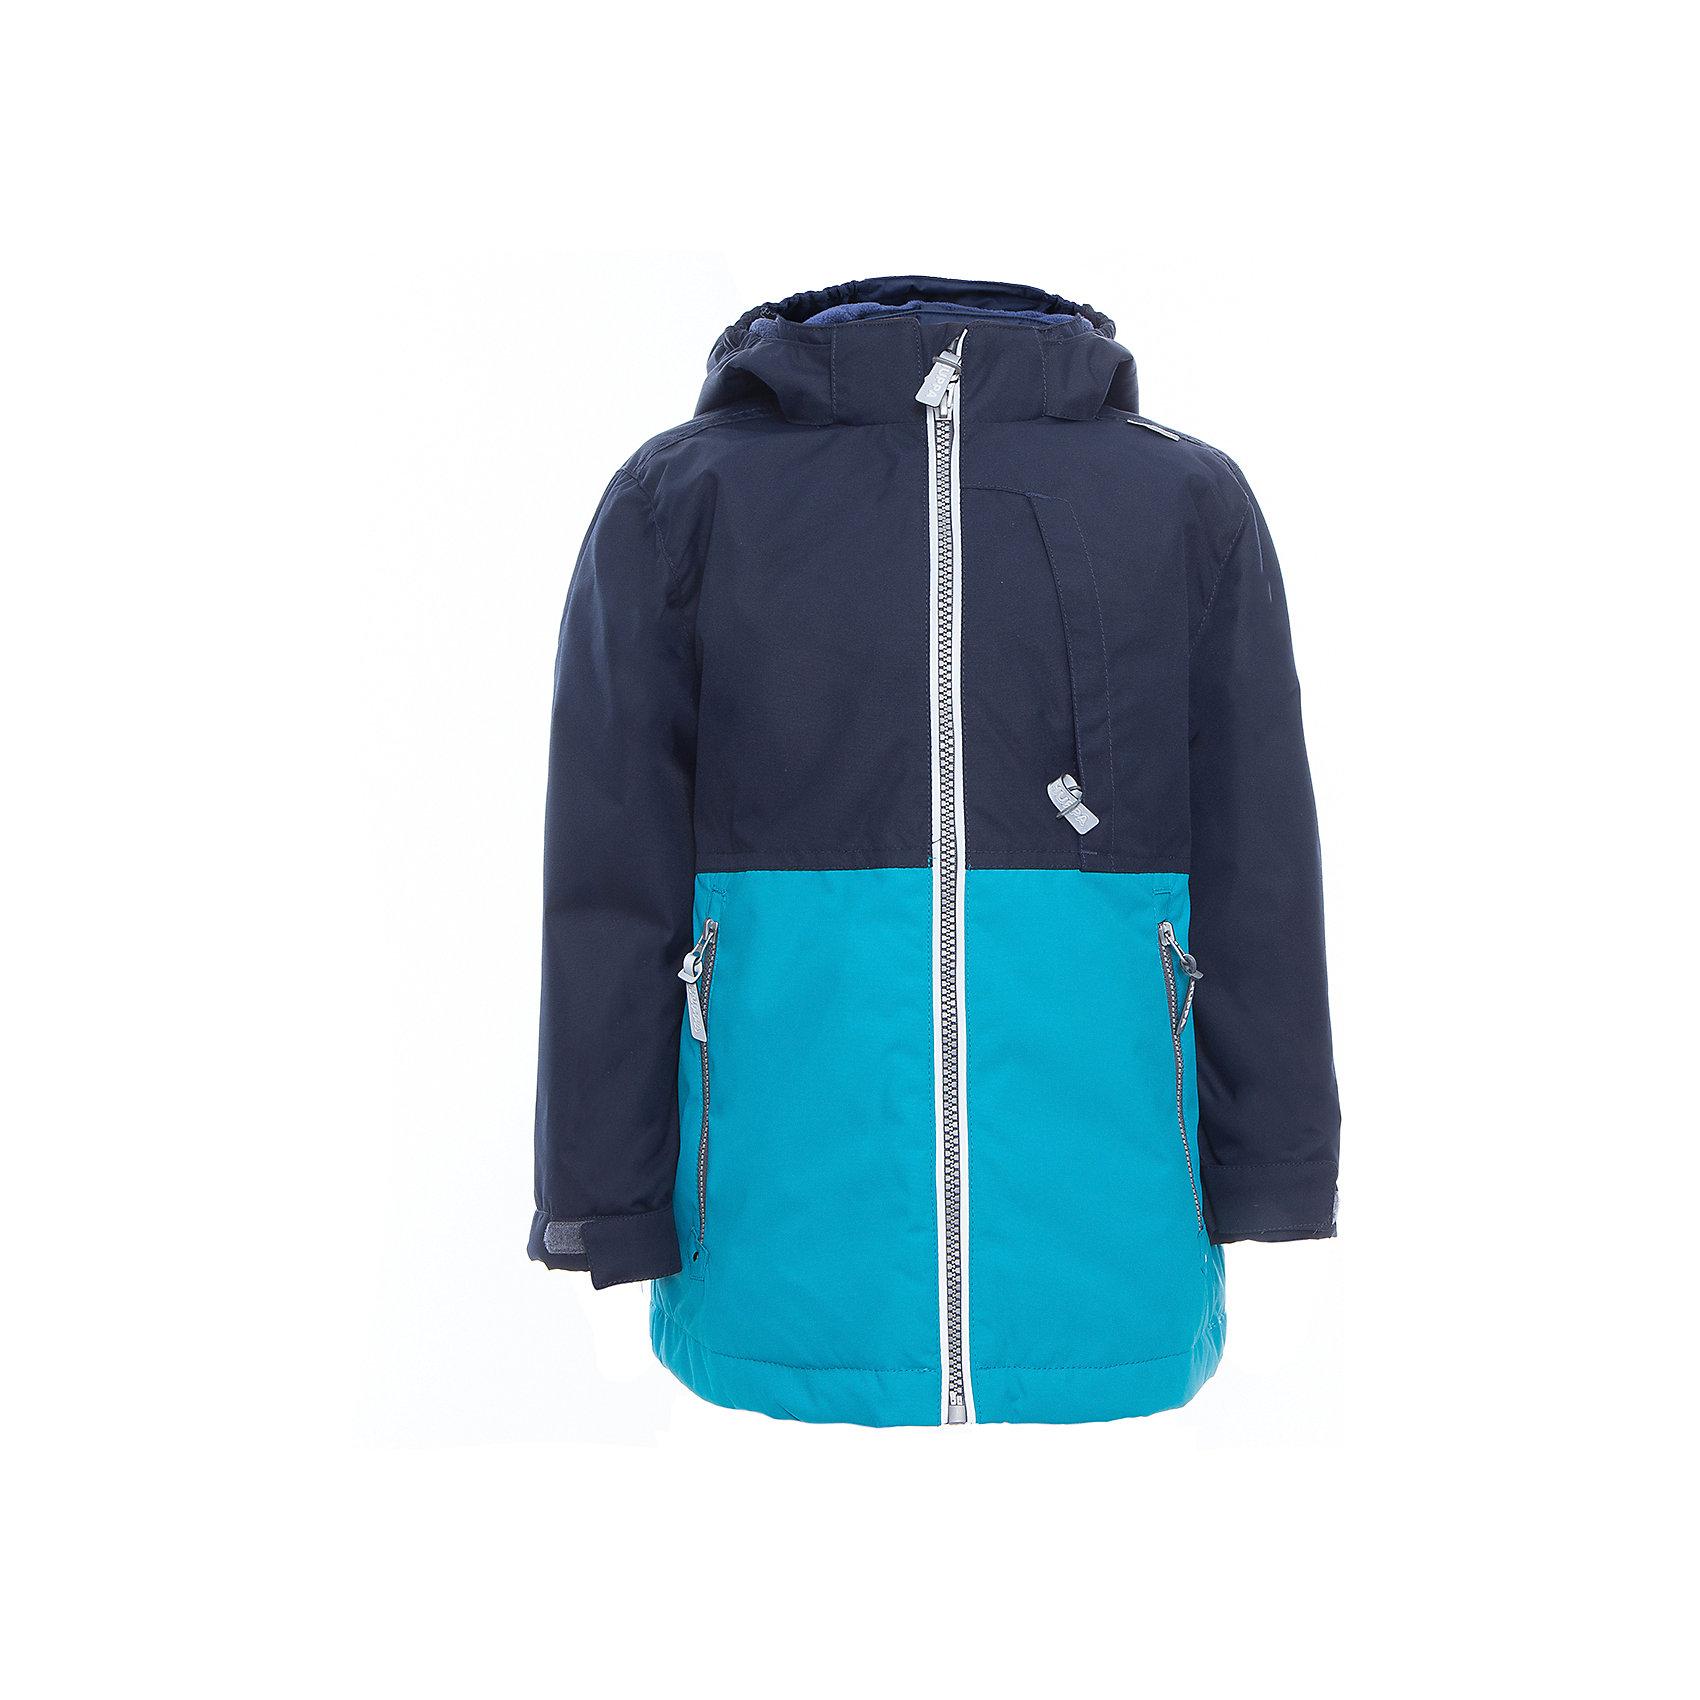 Куртка для мальчика TREVOR HuppaХарактеристики товара:<br><br>• цвет: тёмно-синий/голубой<br>• ткань: 100% полиэстер<br>• подкладка: тафта - 100% полиэстер<br>• утеплитель: 100% полиэстер 100 г<br>• температурный режим: от -5°С до +10°С<br>• водонепроницаемость: 10000 мм<br>• воздухопроницаемость: 10000 мм<br>• светоотражающие детали<br>• эластичные манжеты<br>• проклеенные швы<br>• карманы на молнии<br>• эластичный шнур + фиксатор<br>• съёмный капюшон с резинкой<br>• регулируемые манжеты<br>• комфортная посадка<br>• коллекция: весна-лето 2017<br>• страна бренда: Эстония<br><br>Эта стильная куртка обеспечит детям тепло и комфорт. Она сделана из материала, отталкивающего воду, и дополнено подкладкой с утеплителем, поэтому изделие идеально подходит для межсезонья. Материал изделия - с мембранной технологией: защищая от влаги и ветра, он легко выводит лишнюю влагу наружу. Для удобства сделан капюшон. Куртка очень симпатично смотрится, яркая расцветка и крой добавляют ему оригинальности. Модель была разработана специально для детей.<br><br>Одежда и обувь от популярного эстонского бренда Huppa - отличный вариант одеть ребенка можно и комфортно. Вещи, выпускаемые компанией, качественные, продуманные и очень удобные. Для производства изделий используются только безопасные для детей материалы. Продукция от Huppa порадует и детей, и их родителей!<br><br>Куртку для мальчика TREVOR от бренда Huppa (Хуппа) можно купить в нашем интернет-магазине.<br><br>Ширина мм: 356<br>Глубина мм: 10<br>Высота мм: 245<br>Вес г: 519<br>Цвет: голубой<br>Возраст от месяцев: 132<br>Возраст до месяцев: 144<br>Пол: Мужской<br>Возраст: Детский<br>Размер: 152,104,128,110,116,122,134,140,146<br>SKU: 5347033